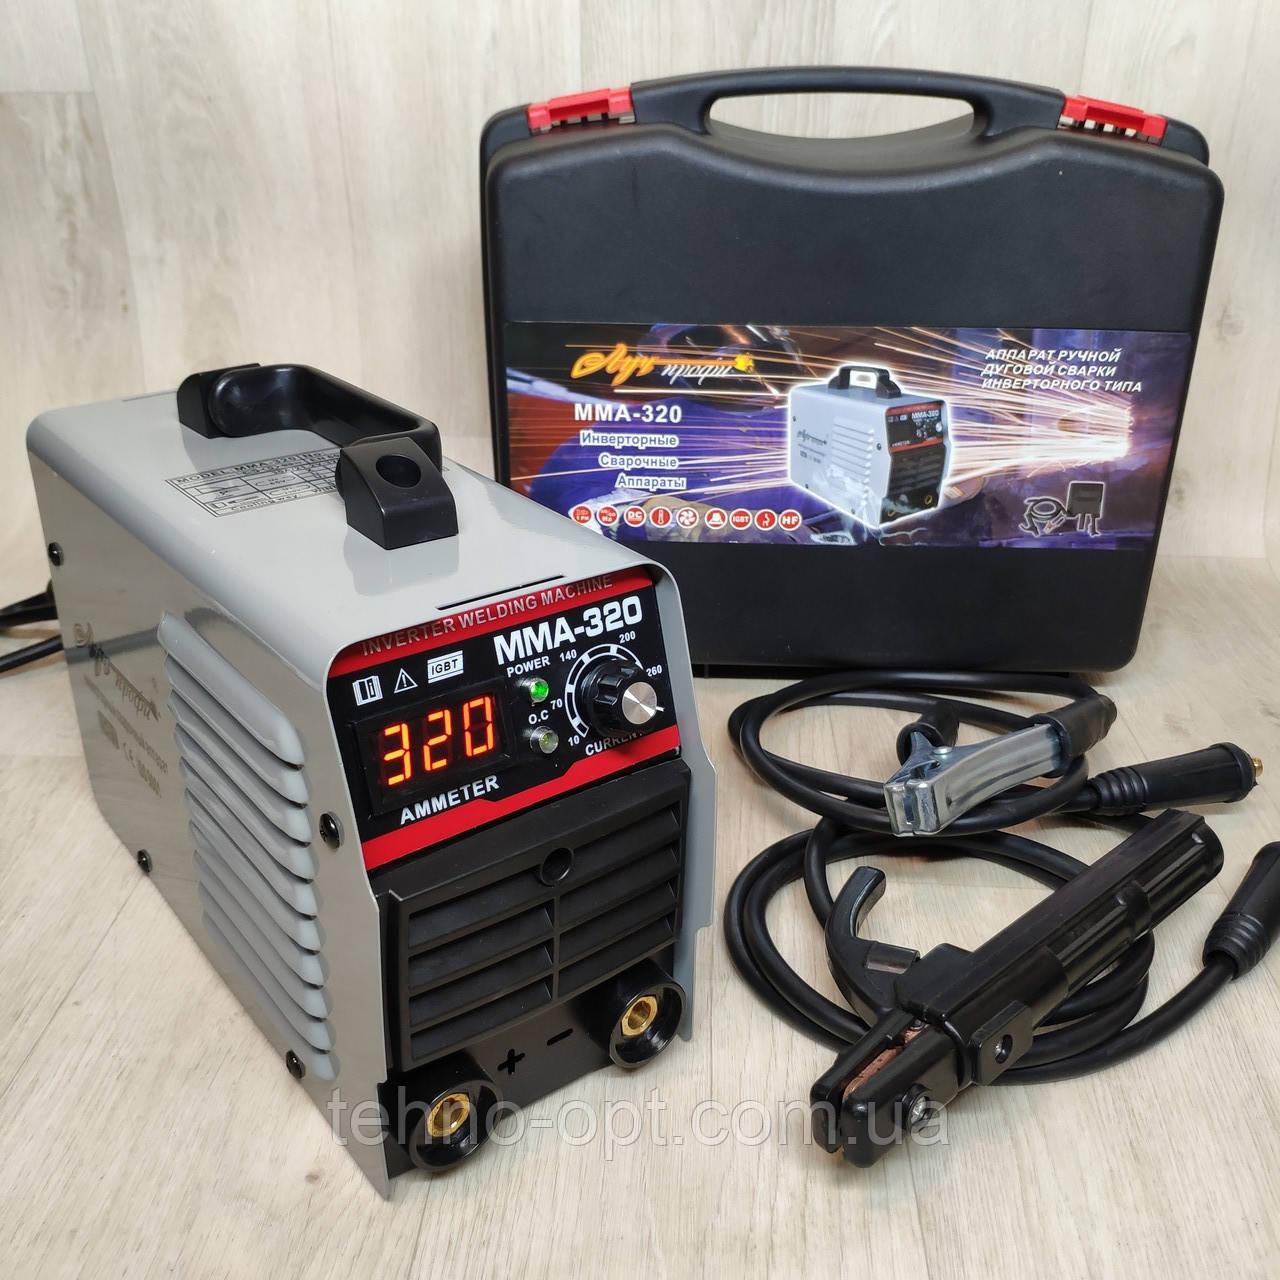 Сварочный инверторный аппарат Луч Профи MMA-320 (дисплей, кейс)